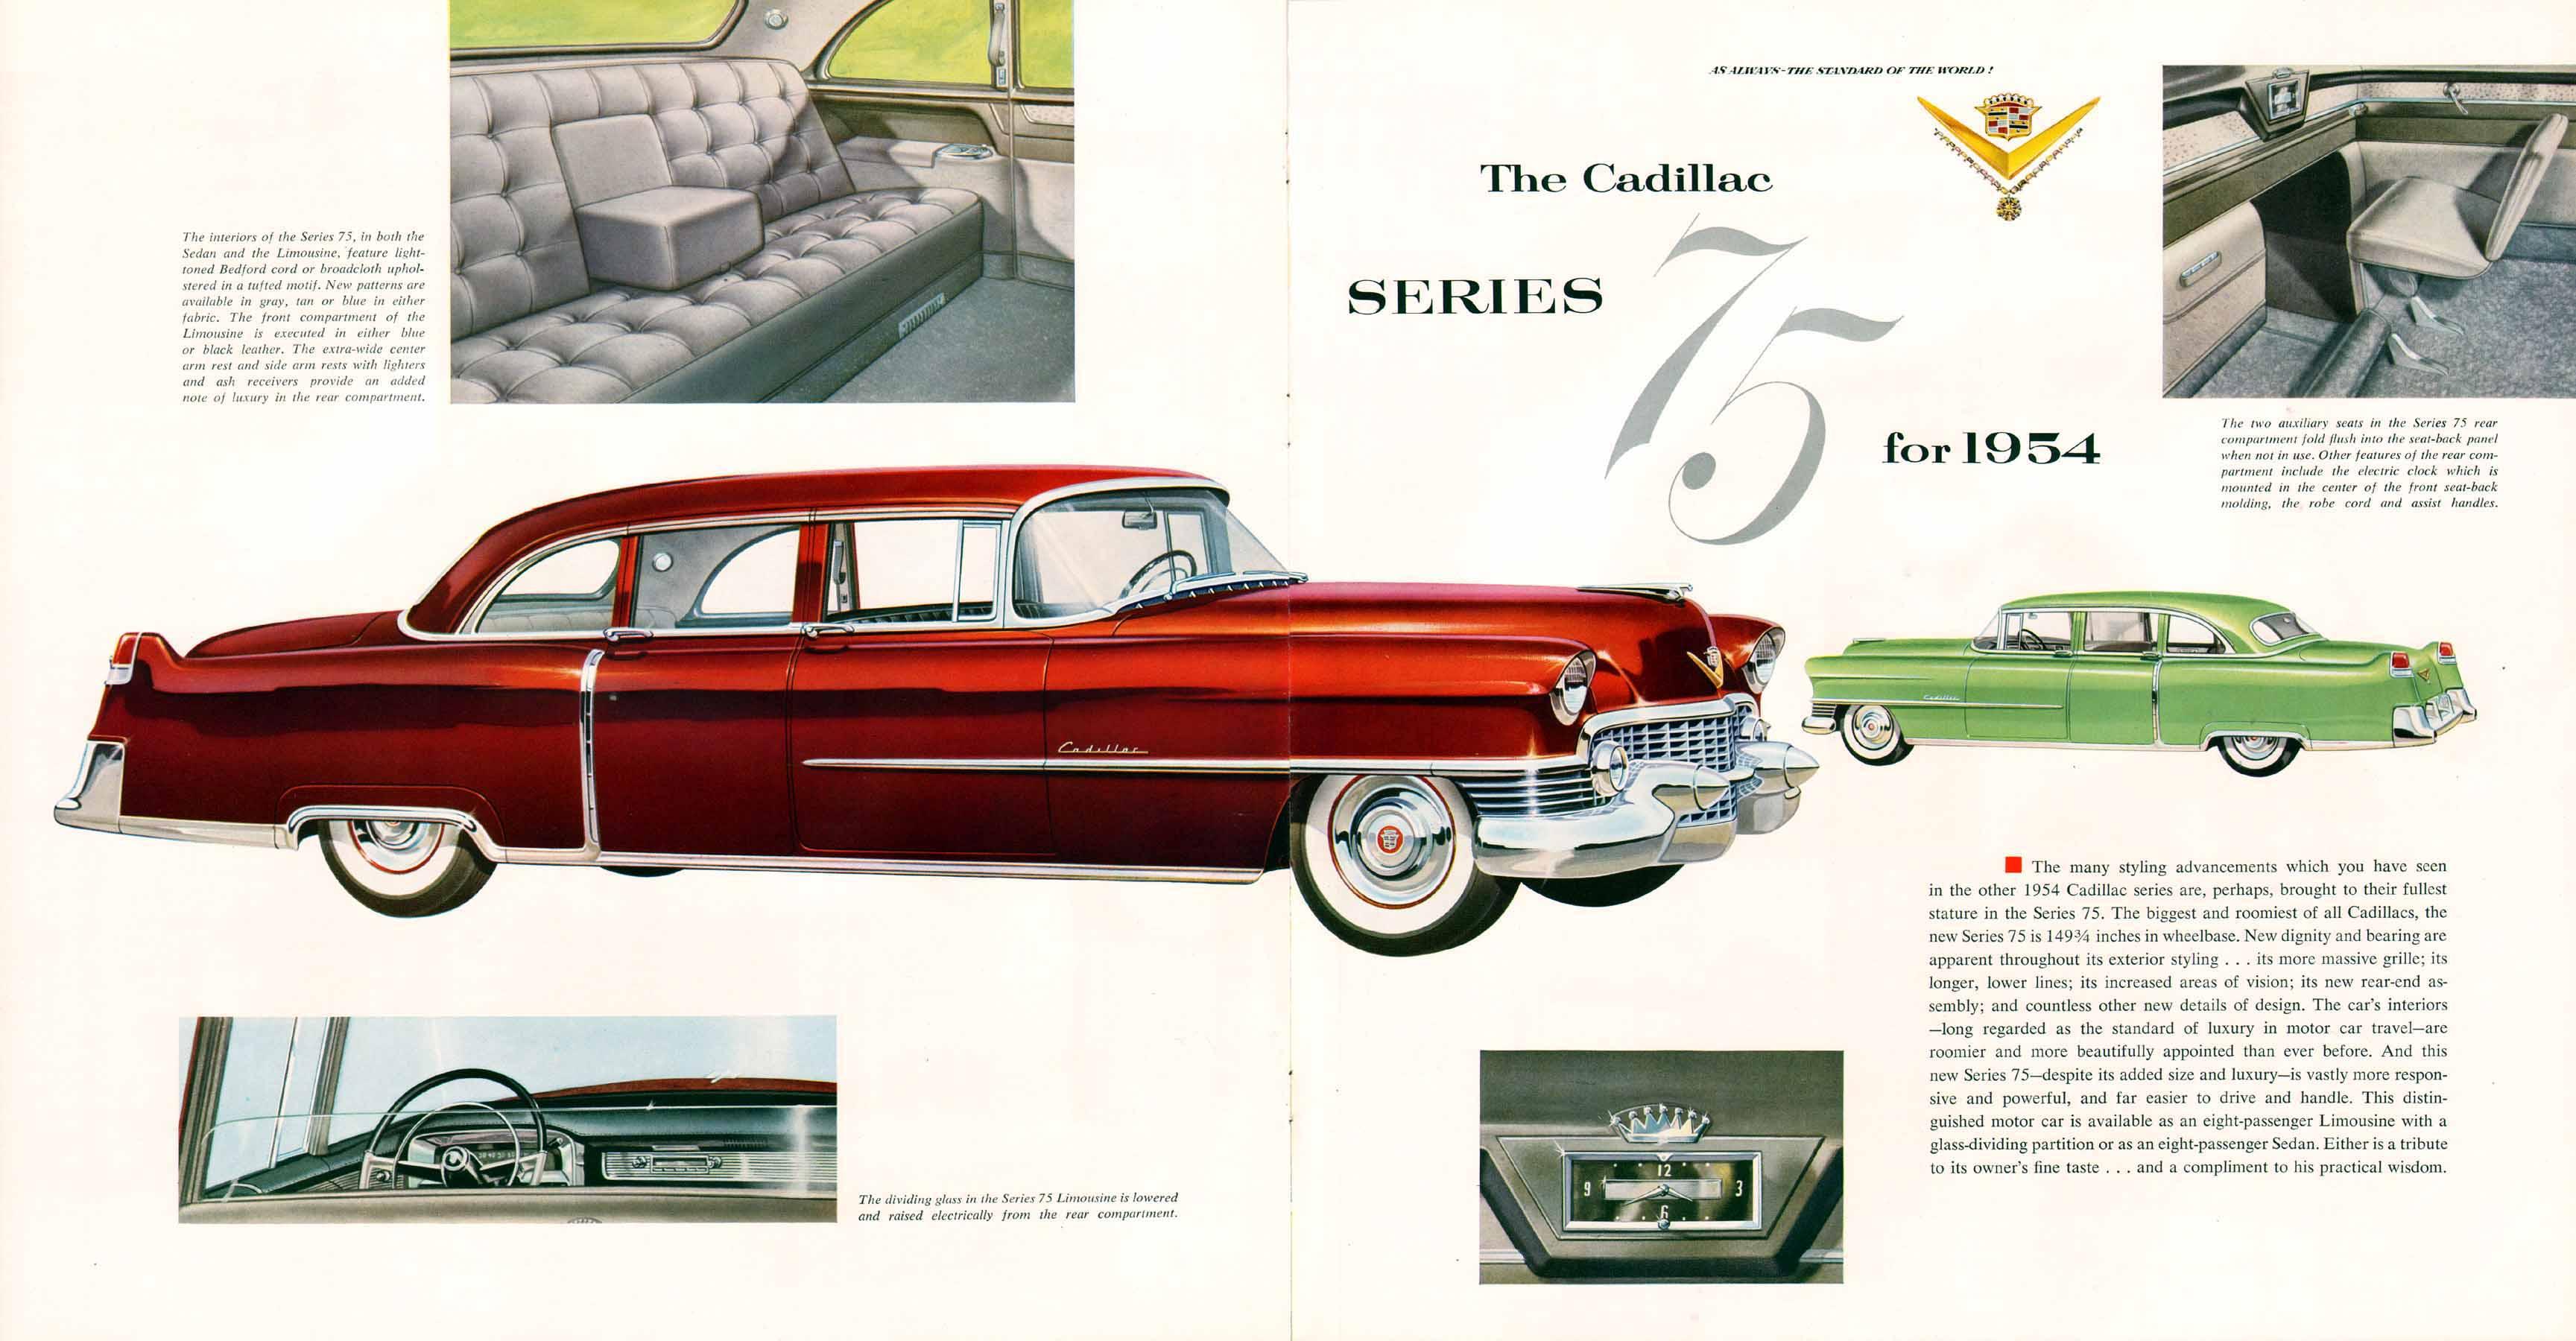 Wonderful 1954 Cadillac Brochure 23 24 Gallery